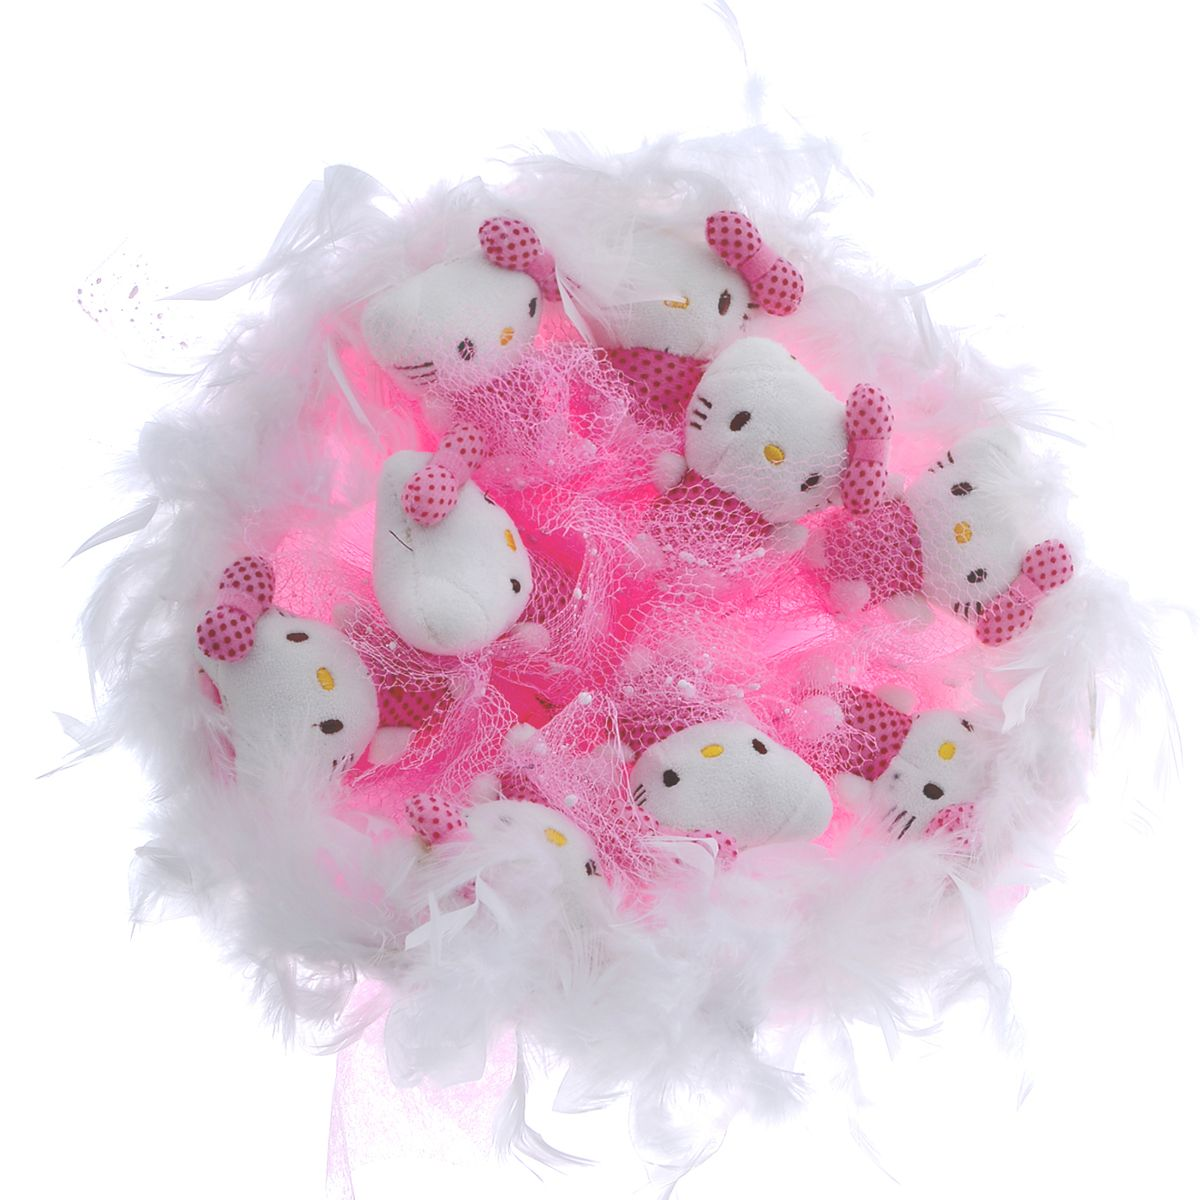 Букет из игрушек Toy Bouquet Котята, цвет: розовый, 9 игрушекNLED-454-9W-BKБукет из 9 мягких милых Кити, упакован в мягкую струящуюся органзу розового цвета с добавлением флористической сетки, декорирован великолепным пышным боа по краю букета и перевязан широкой атласной лентой с добавлением серебристой парчовой тесьмы Мягкие игрушки, оформленные в букет – приятный подарок для любимой, для мамы, подруги или для ребенка. Оригинальные букеты торговой марки TOY BOUQUET из мягких игрушек прекрасно подойдут для многих праздников: День Святого Валентина, 8 марта, день рождения, выпускной, а также на другие памятные даты или годовщины.